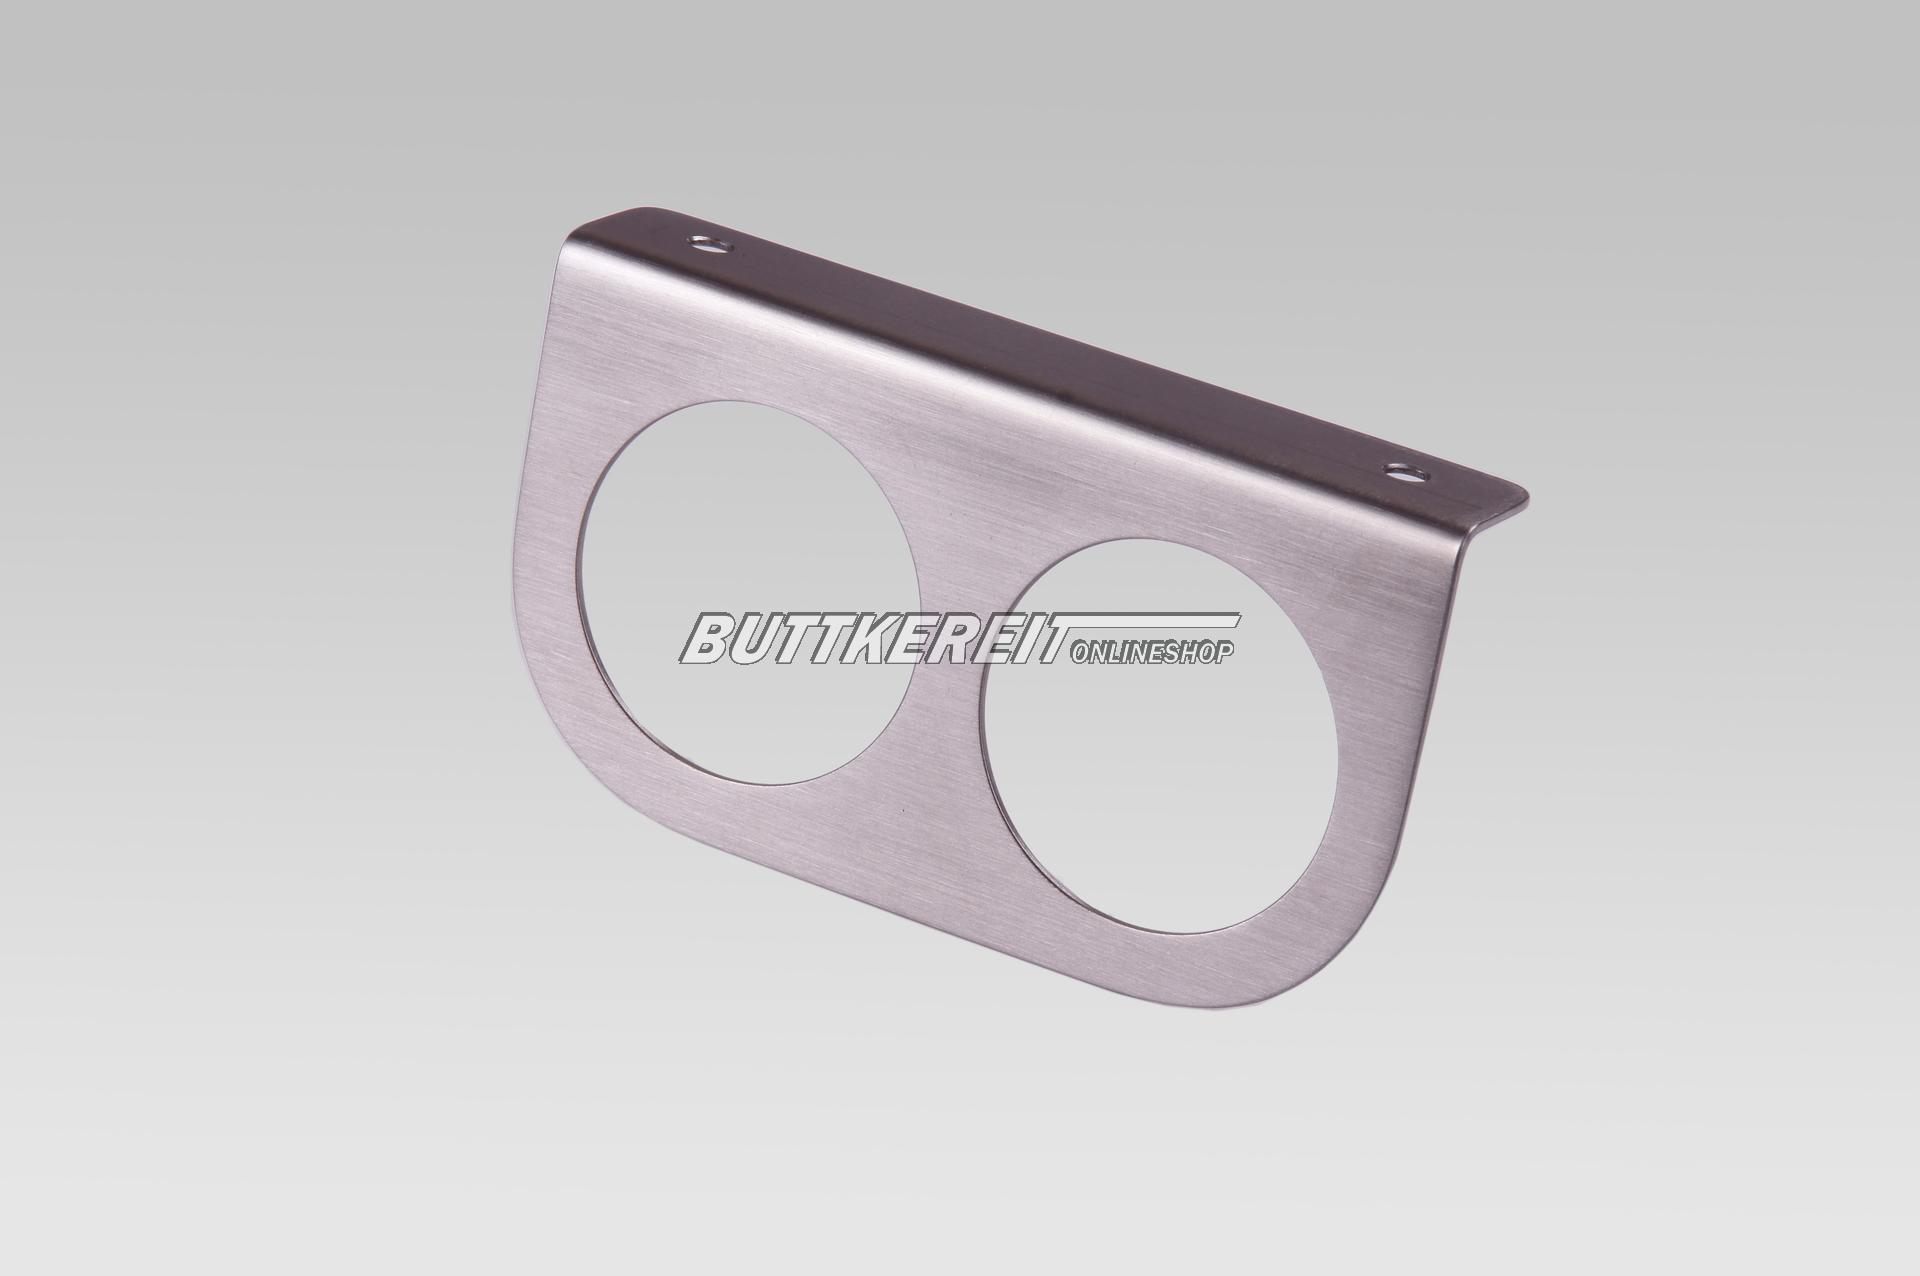 Anbauhalter 2-fach  Edelstahl 52mm